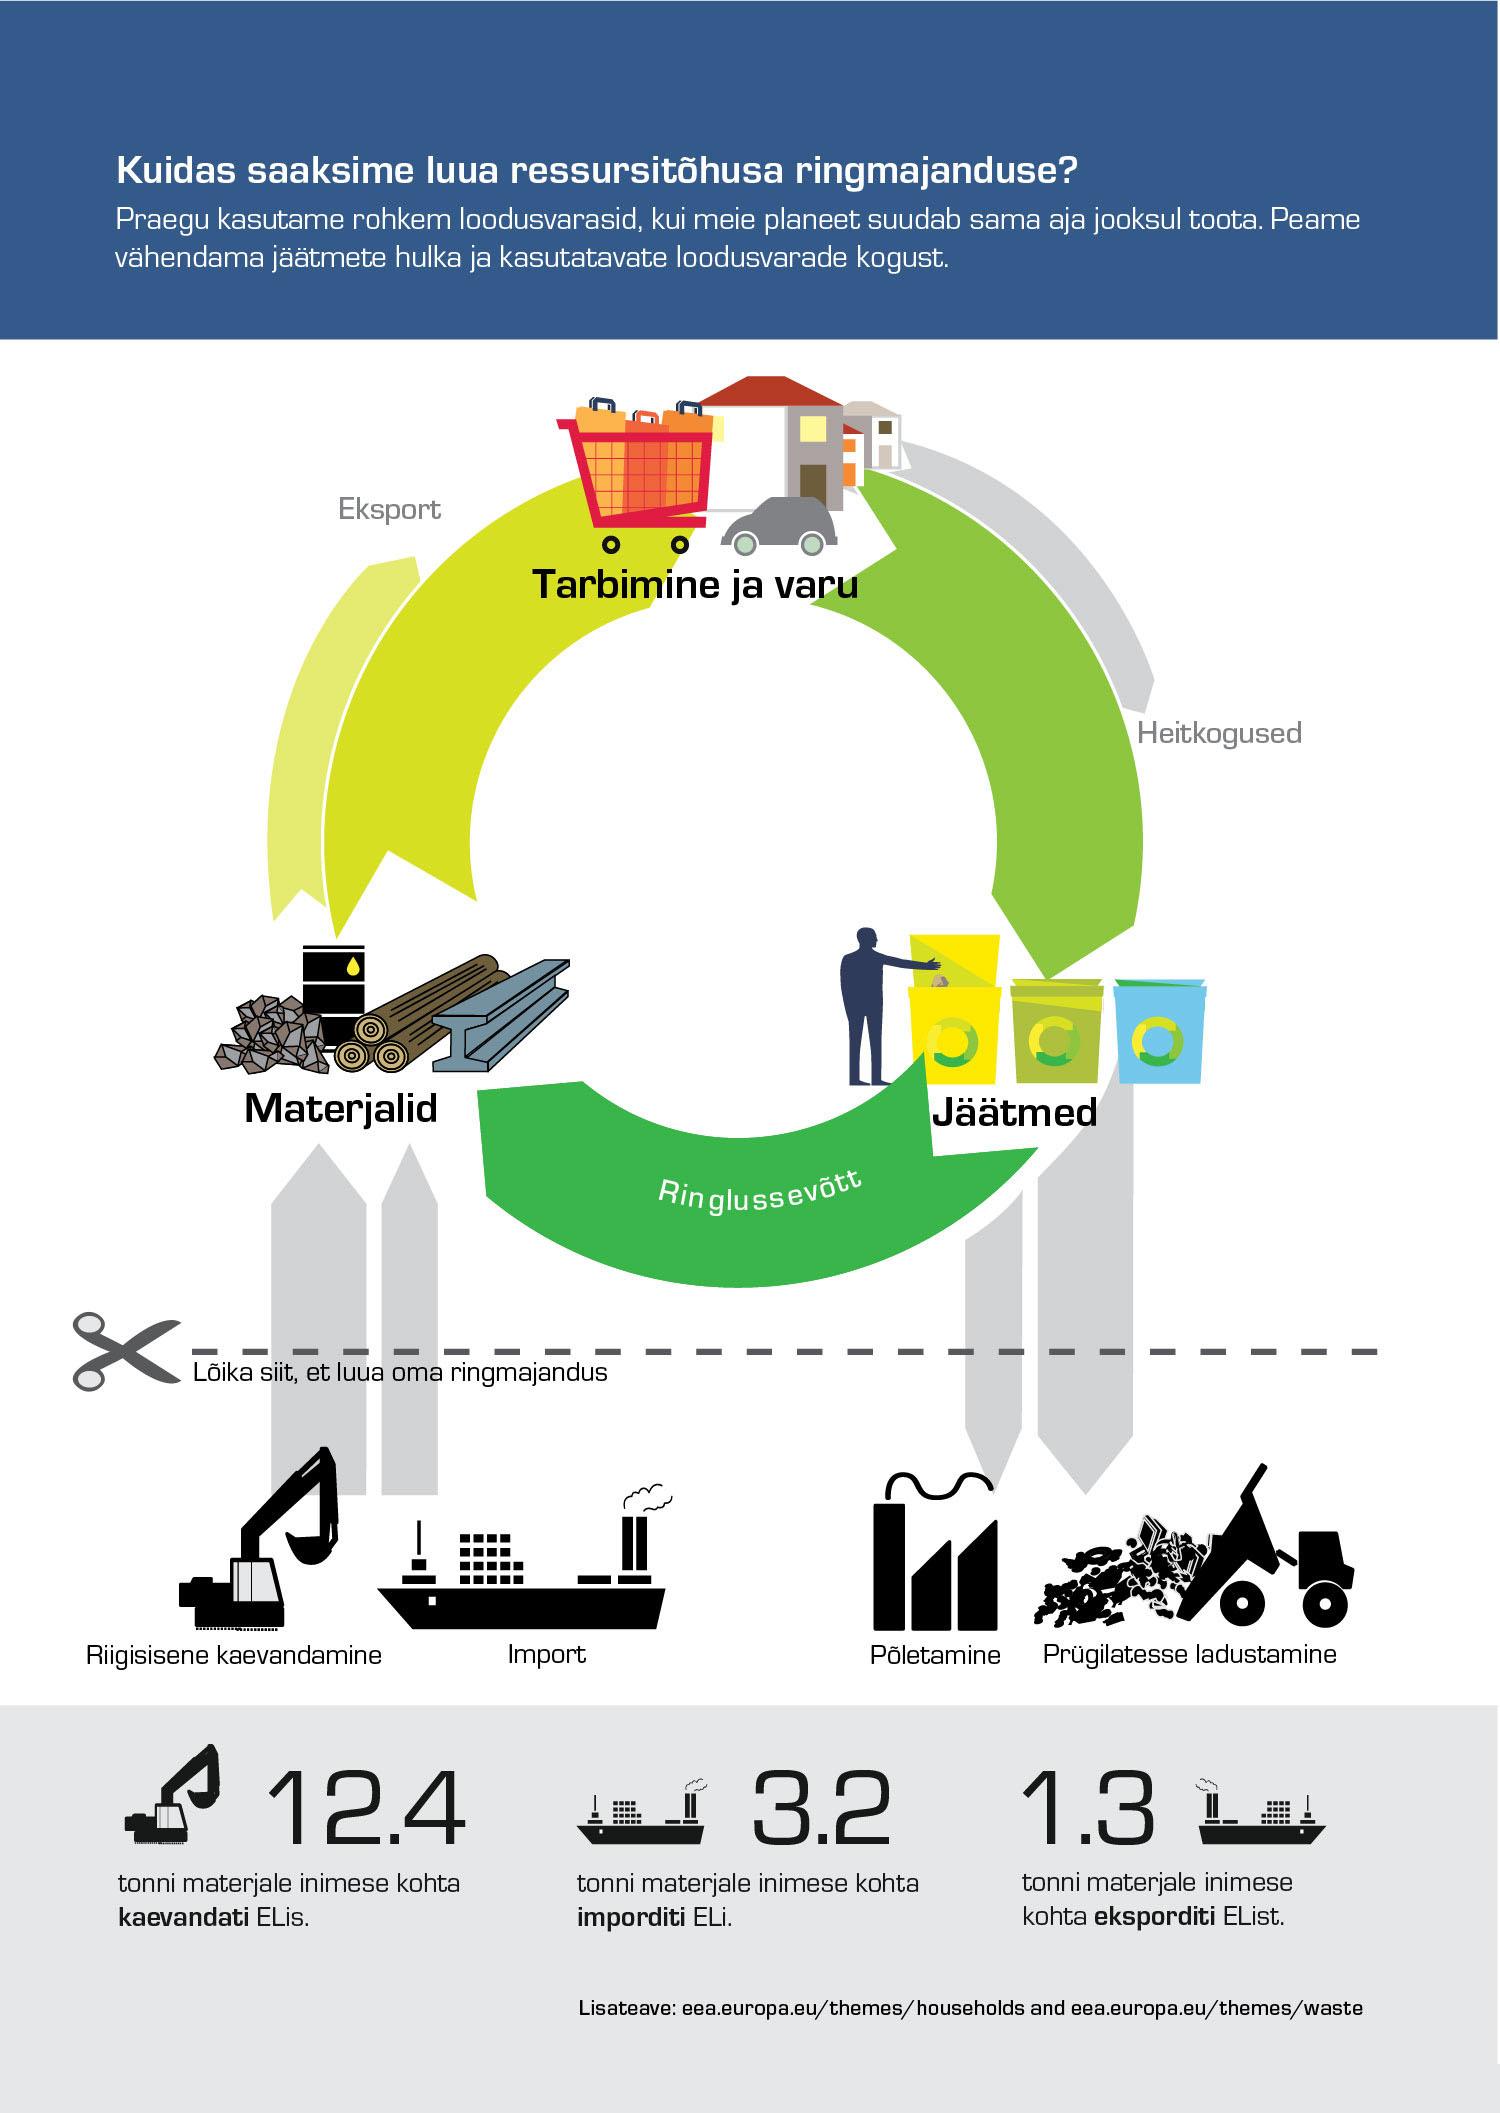 Kuidas saaksime luua ressursitõhusa ringmajanduse?